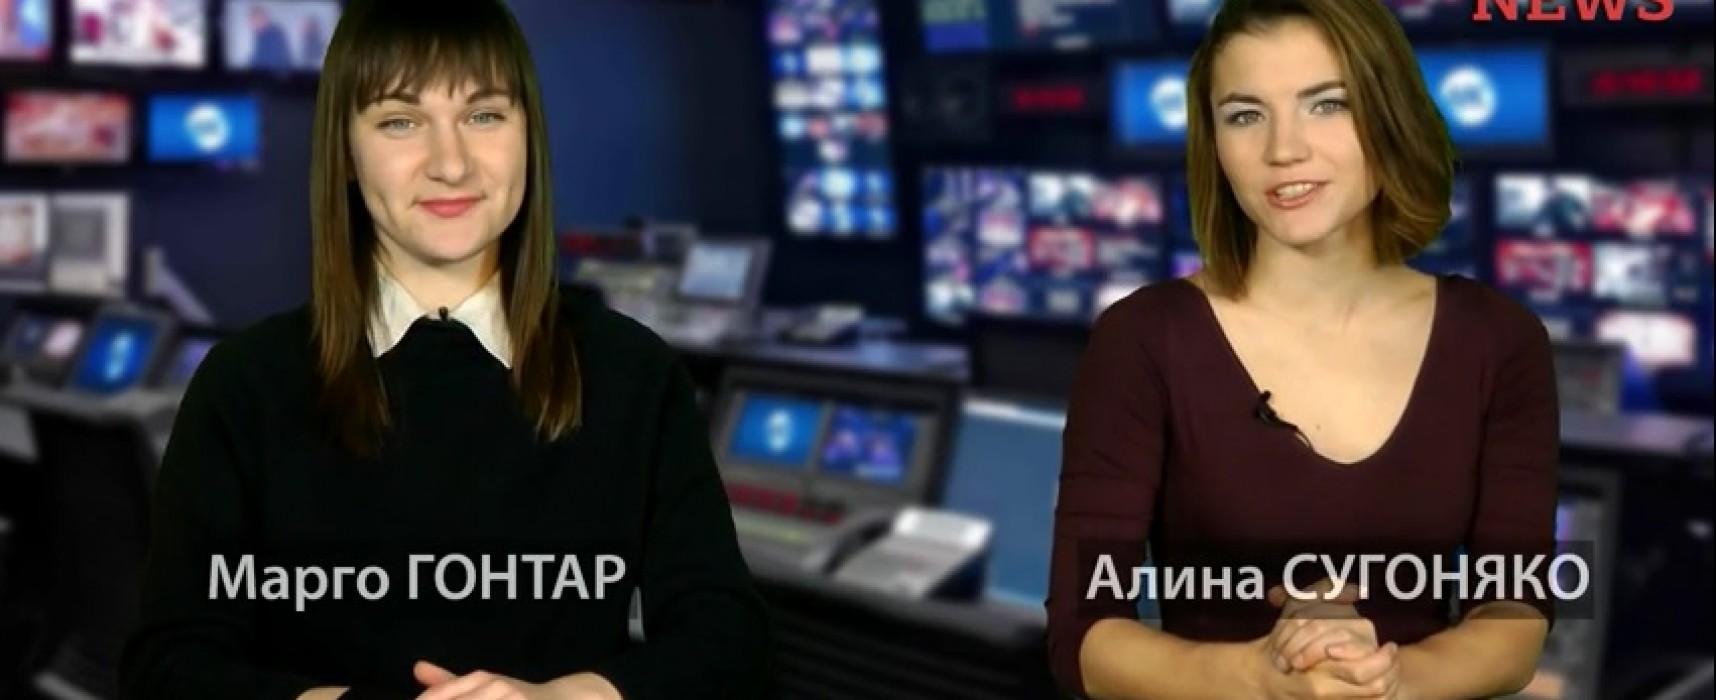 Недельный видеодайджест новостей от StopFake. Выпуск #38